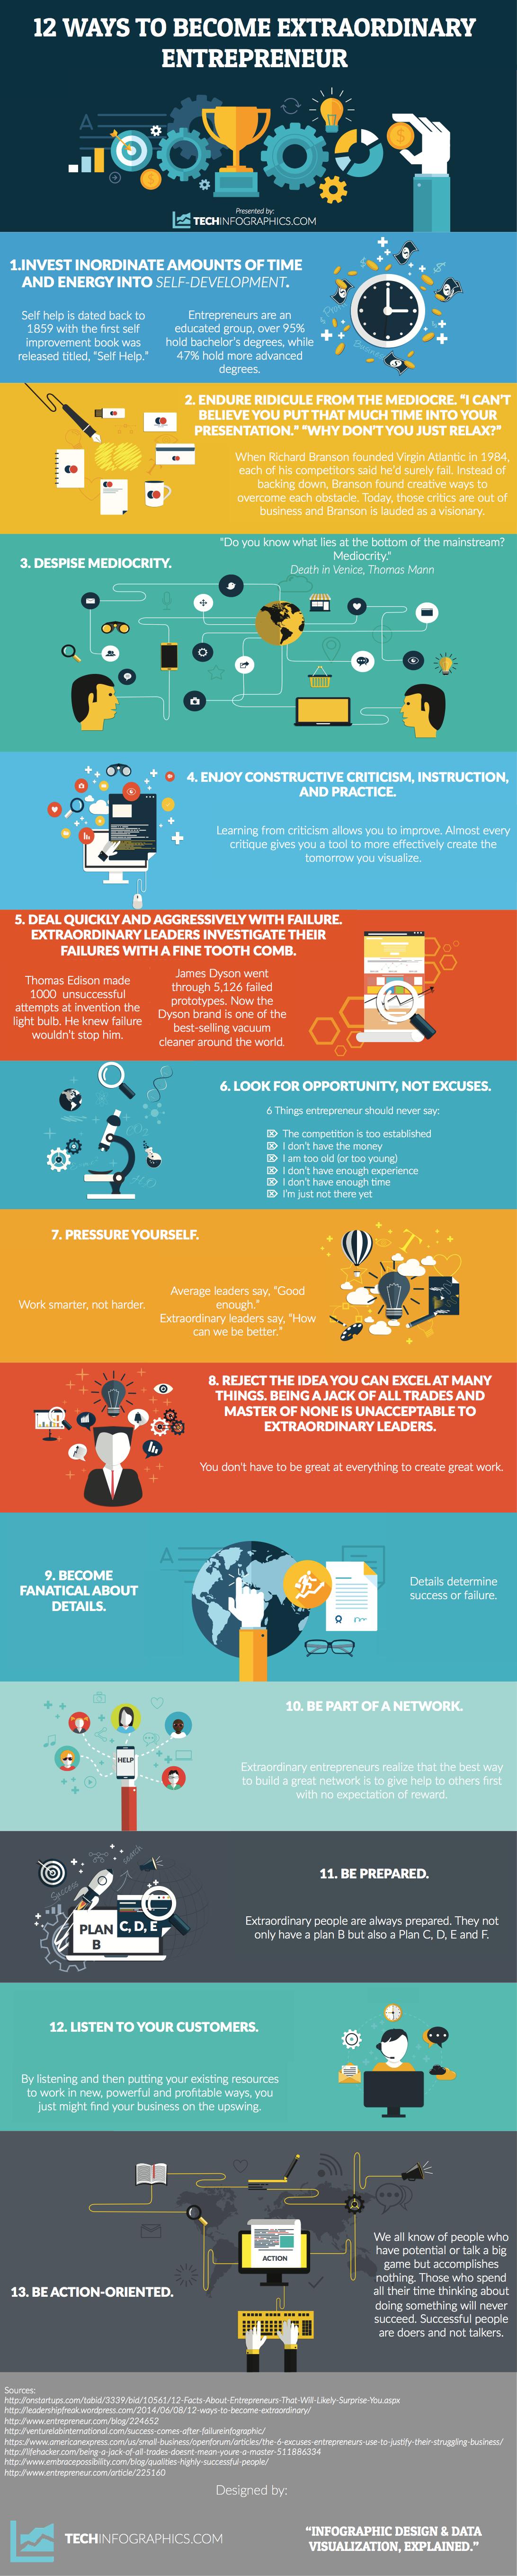 Become-an-Extraordinary-Entrepreneur